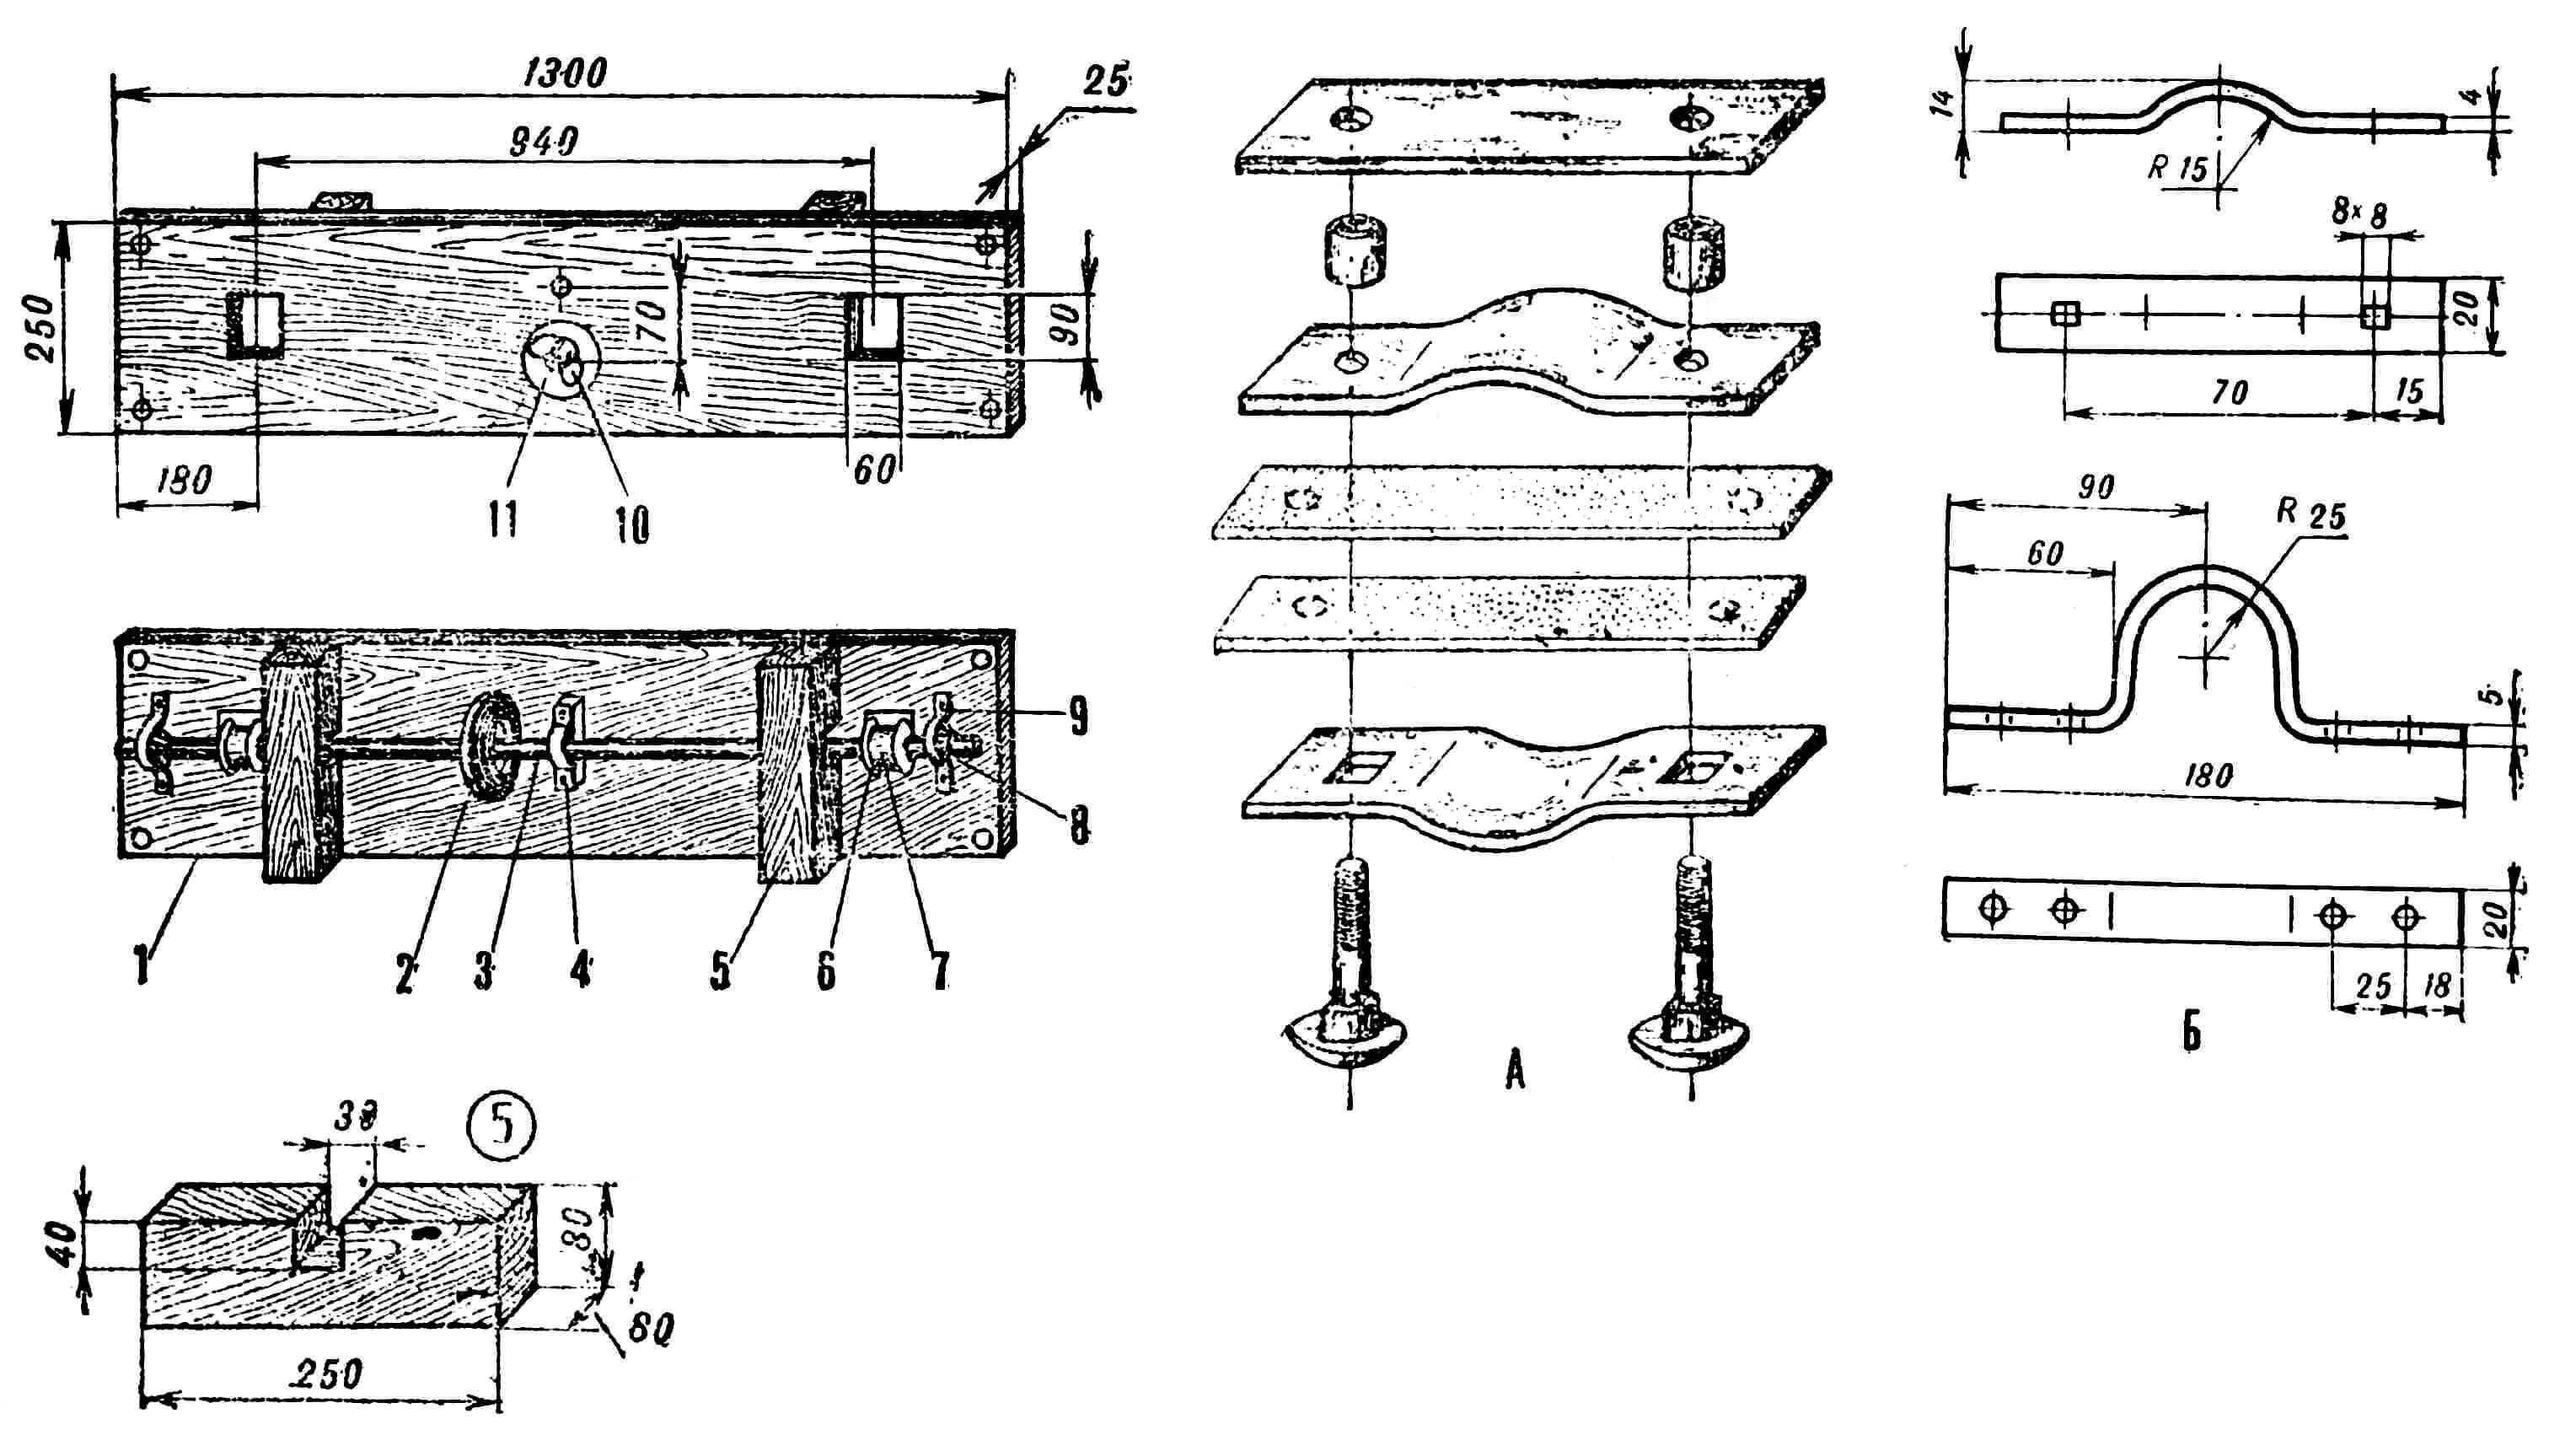 Рис. 2. Основание штанги и рабочий механизм: 1 — основание, 2 — возвратная пружина, 3 — ось, 4 — тормозное устройство. 5 — брусок основания, 6 — направляющий диск, 7 — ремень, 8 — подшипник, 9 — корпус подшипника, 10 — гайка-барашек тормозного механизма, 11 — шкала тяговых усилий; А — детали тормоза, Б — детали корпуса подшипника.